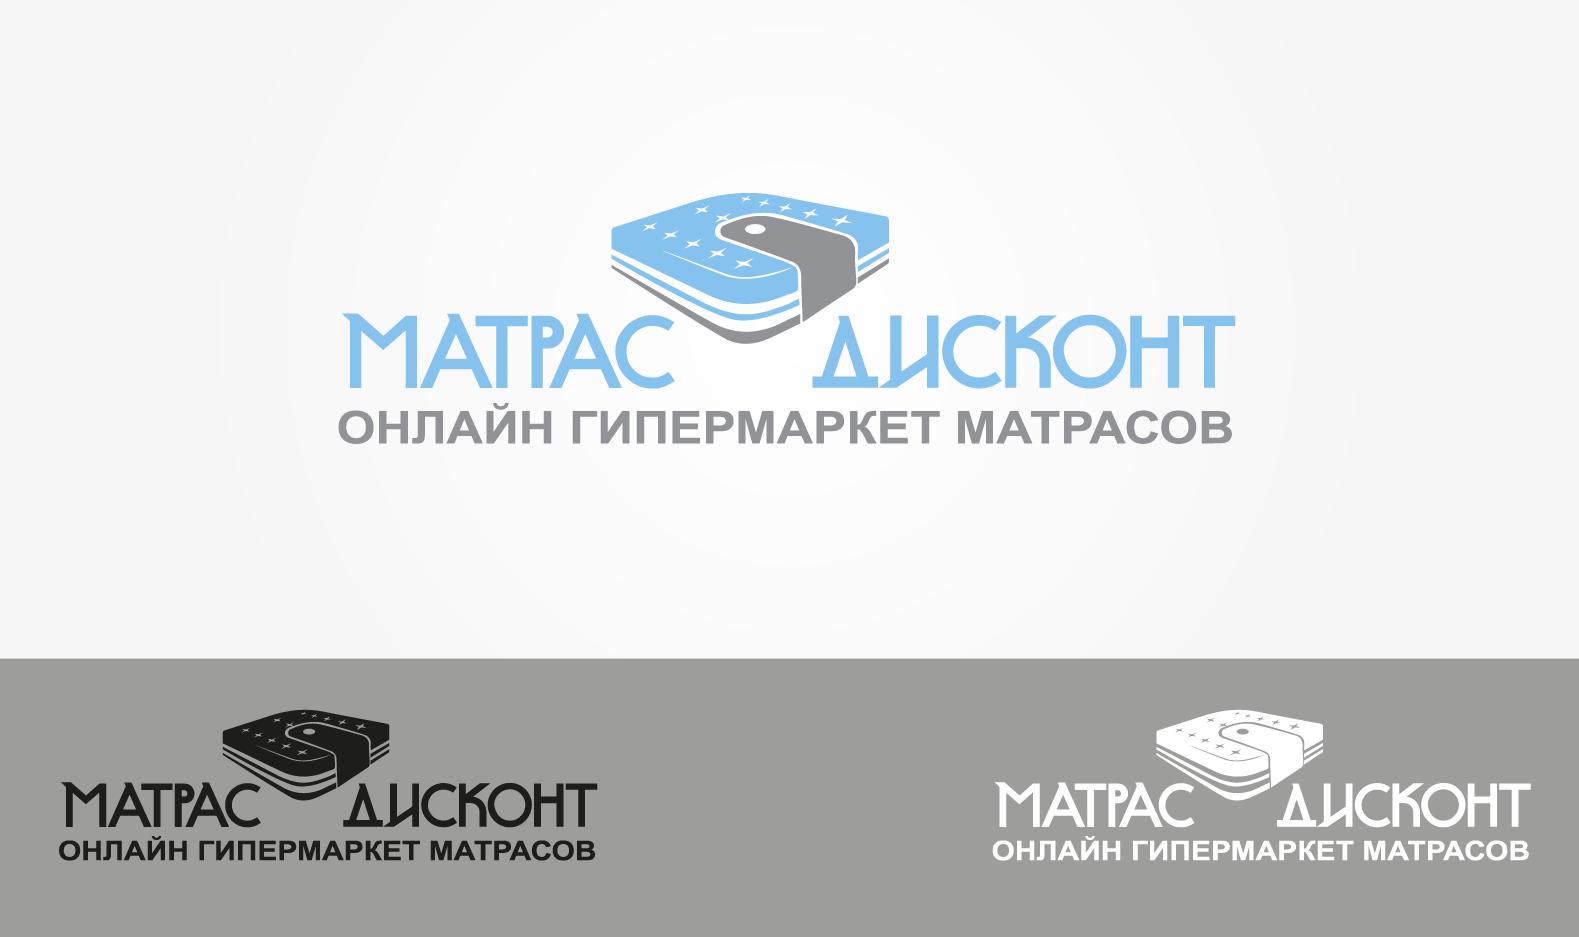 Логотип для ИМ матрасов фото f_6795c8a98f24d674.png